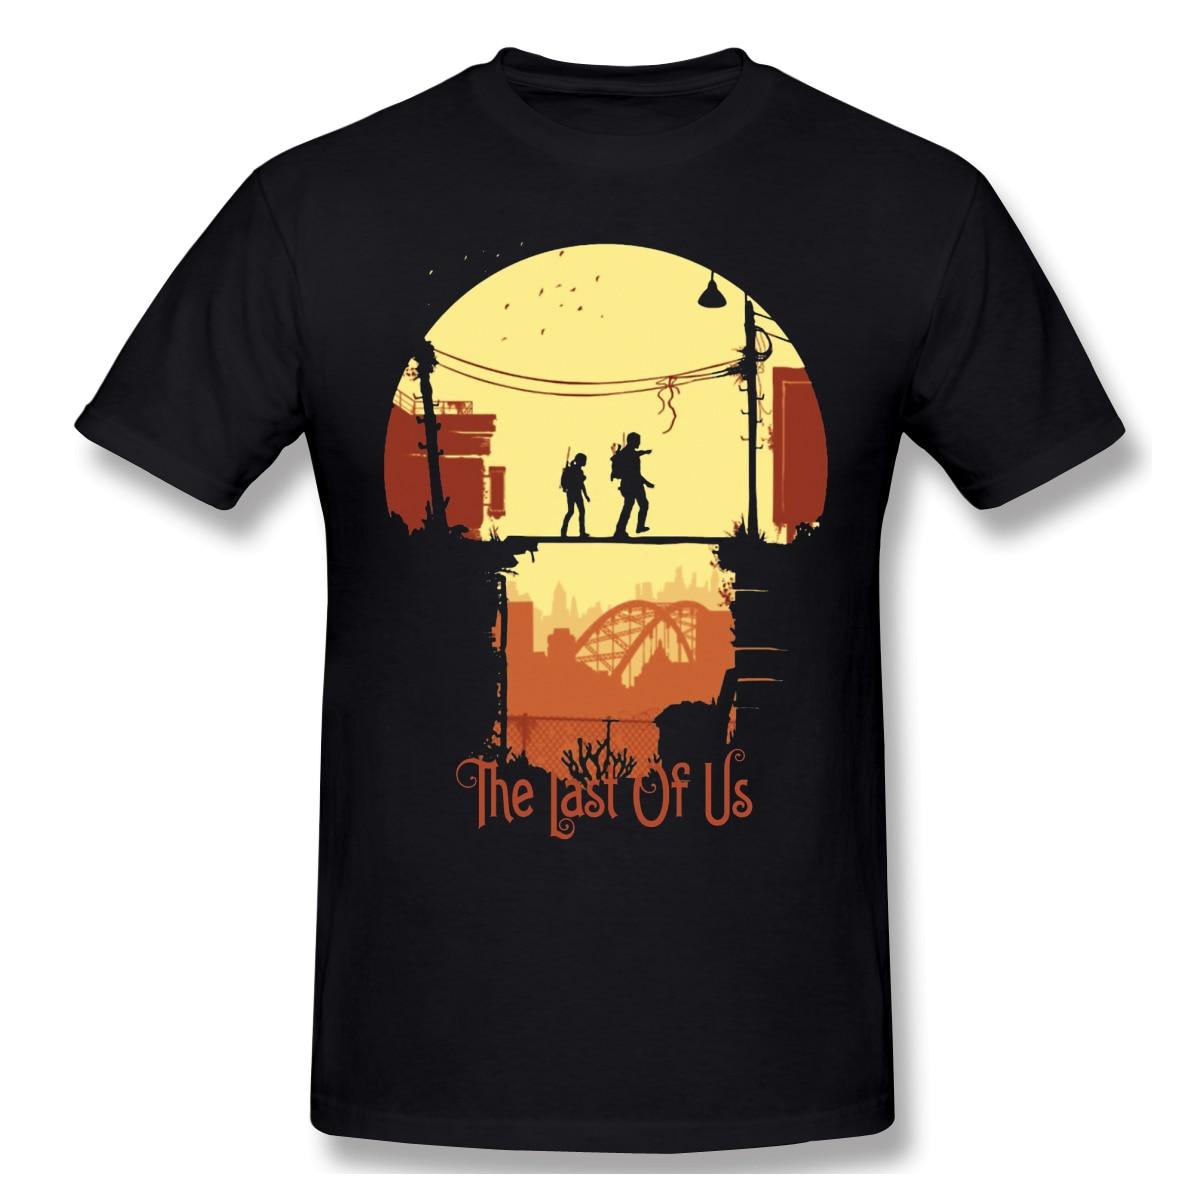 T-shirts homem impressionante os jogos camiseta pai dia topos o último de nós puro algodão t